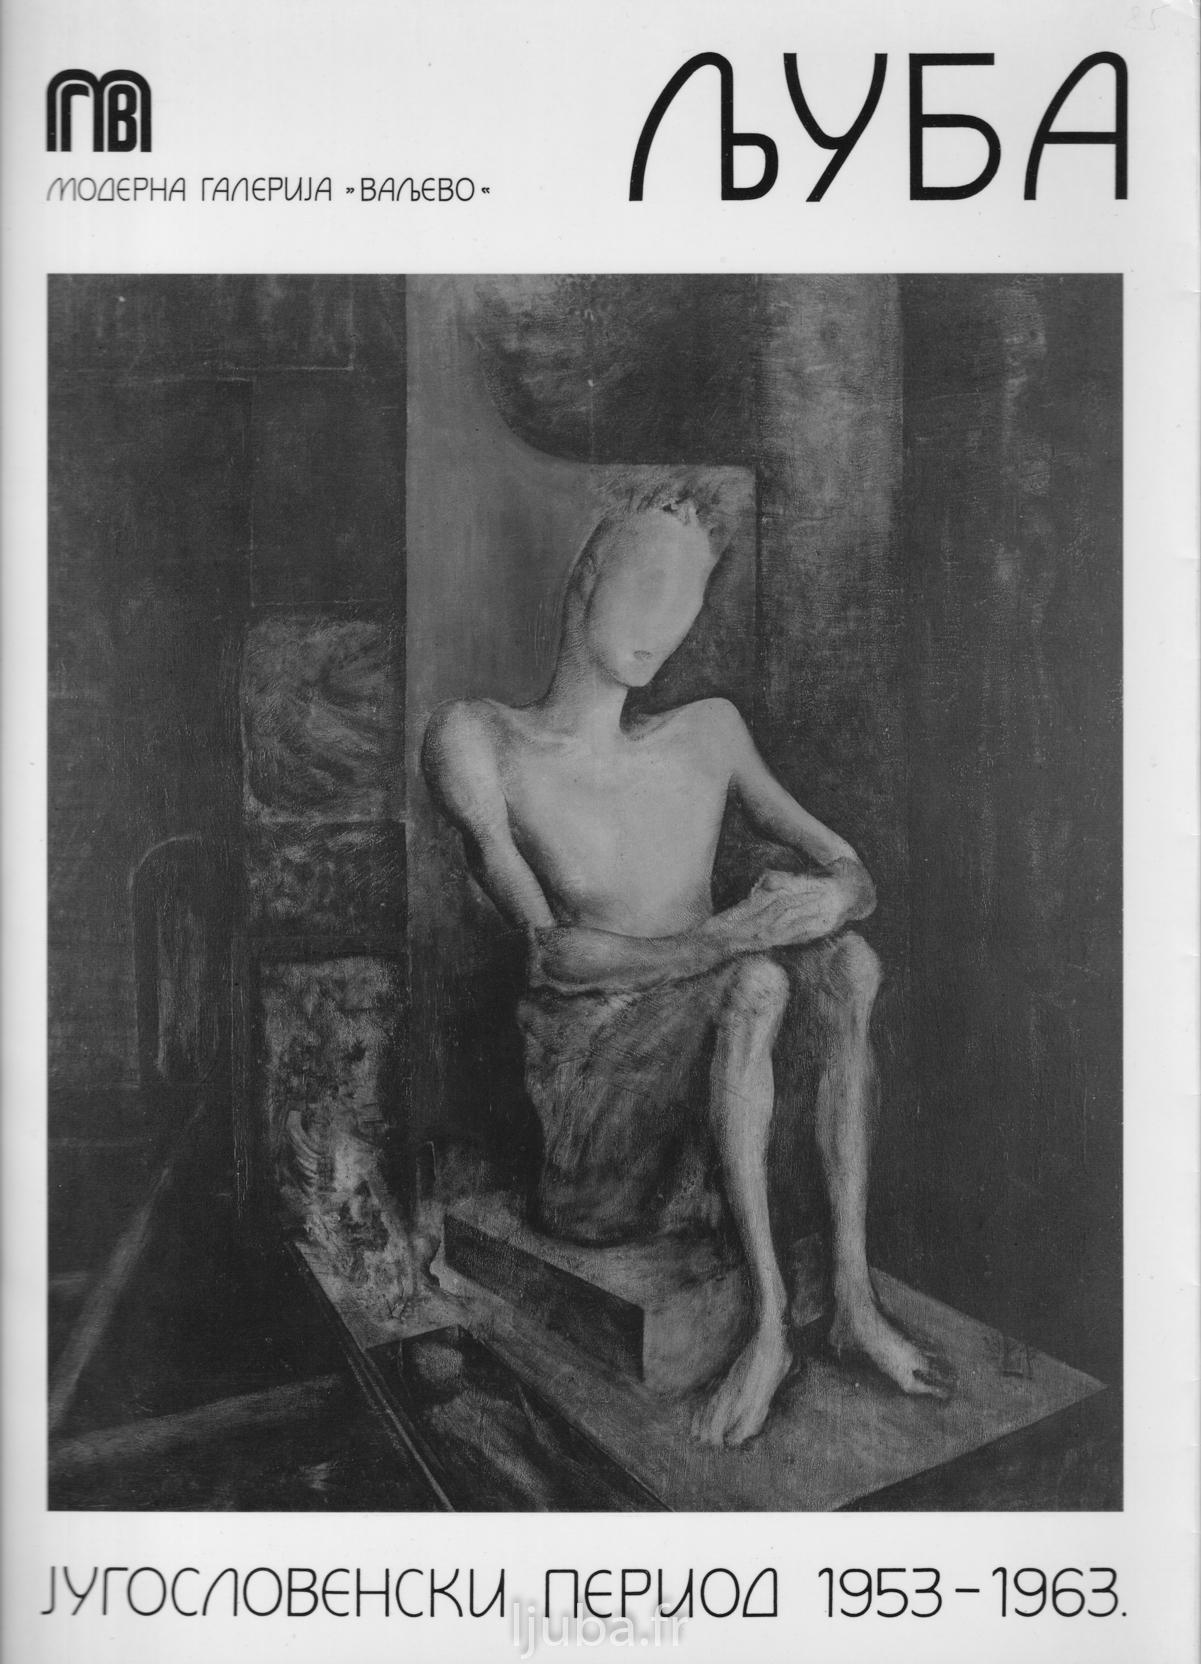 52. 1985., Katalog izložbe u Valjevu_